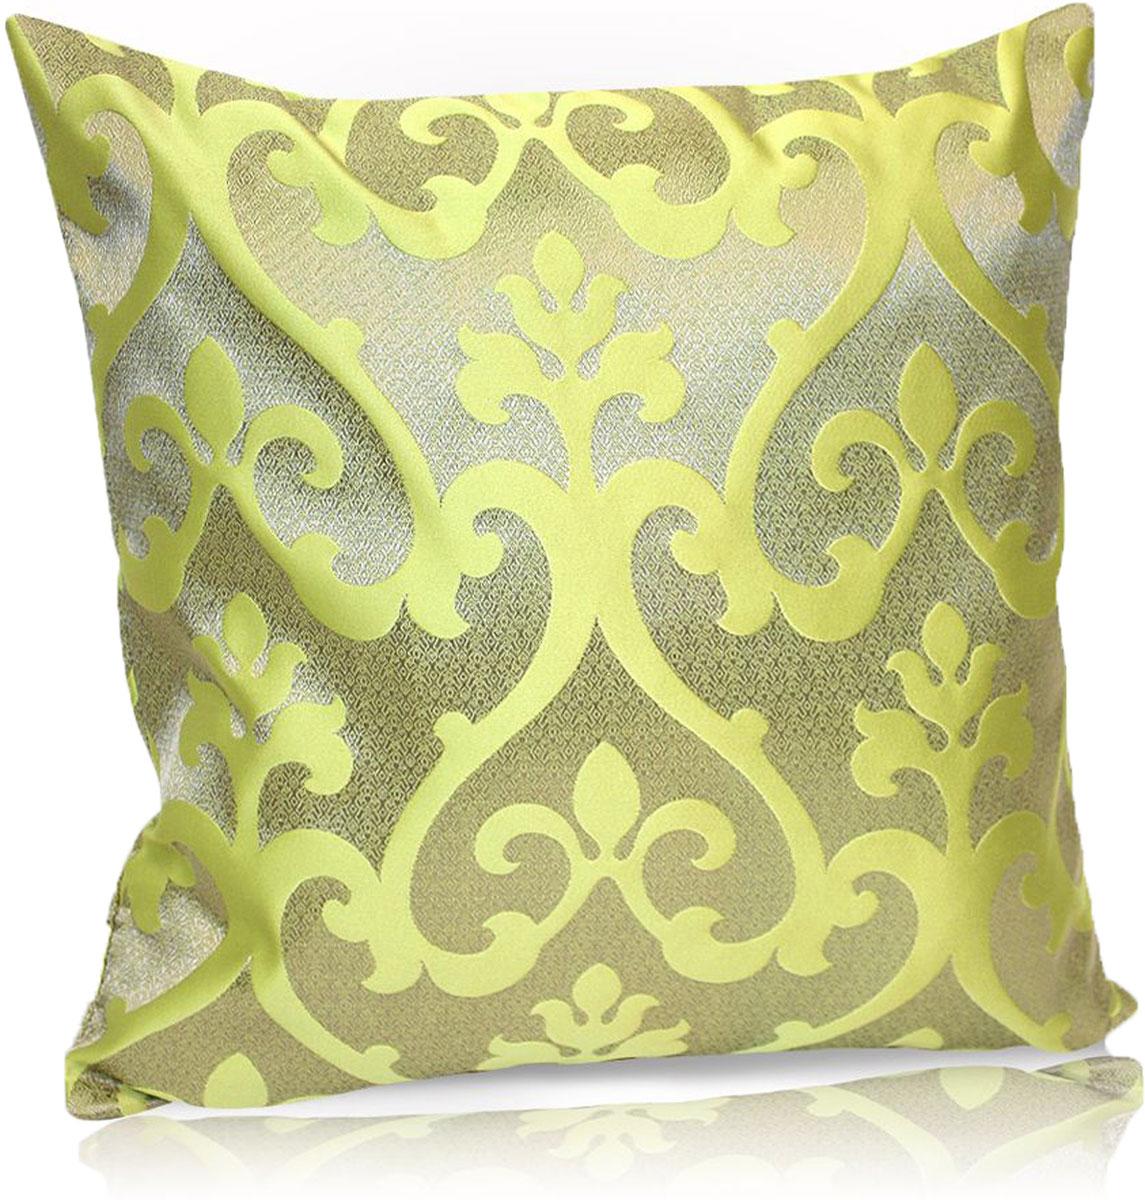 Подушка декоративная KauffOrt Флорентина, цвет: оливковый, 40 x 40 см3121044680Декоративная подушка Флорентина прекрасно дополнит интерьер спальни или гостиной.Чехолподушки выполнен из жаккардовой ткани. Внутри находится мягкий наполнитель. Чехоллегко снимаетсяблагодаря потайной молнии.